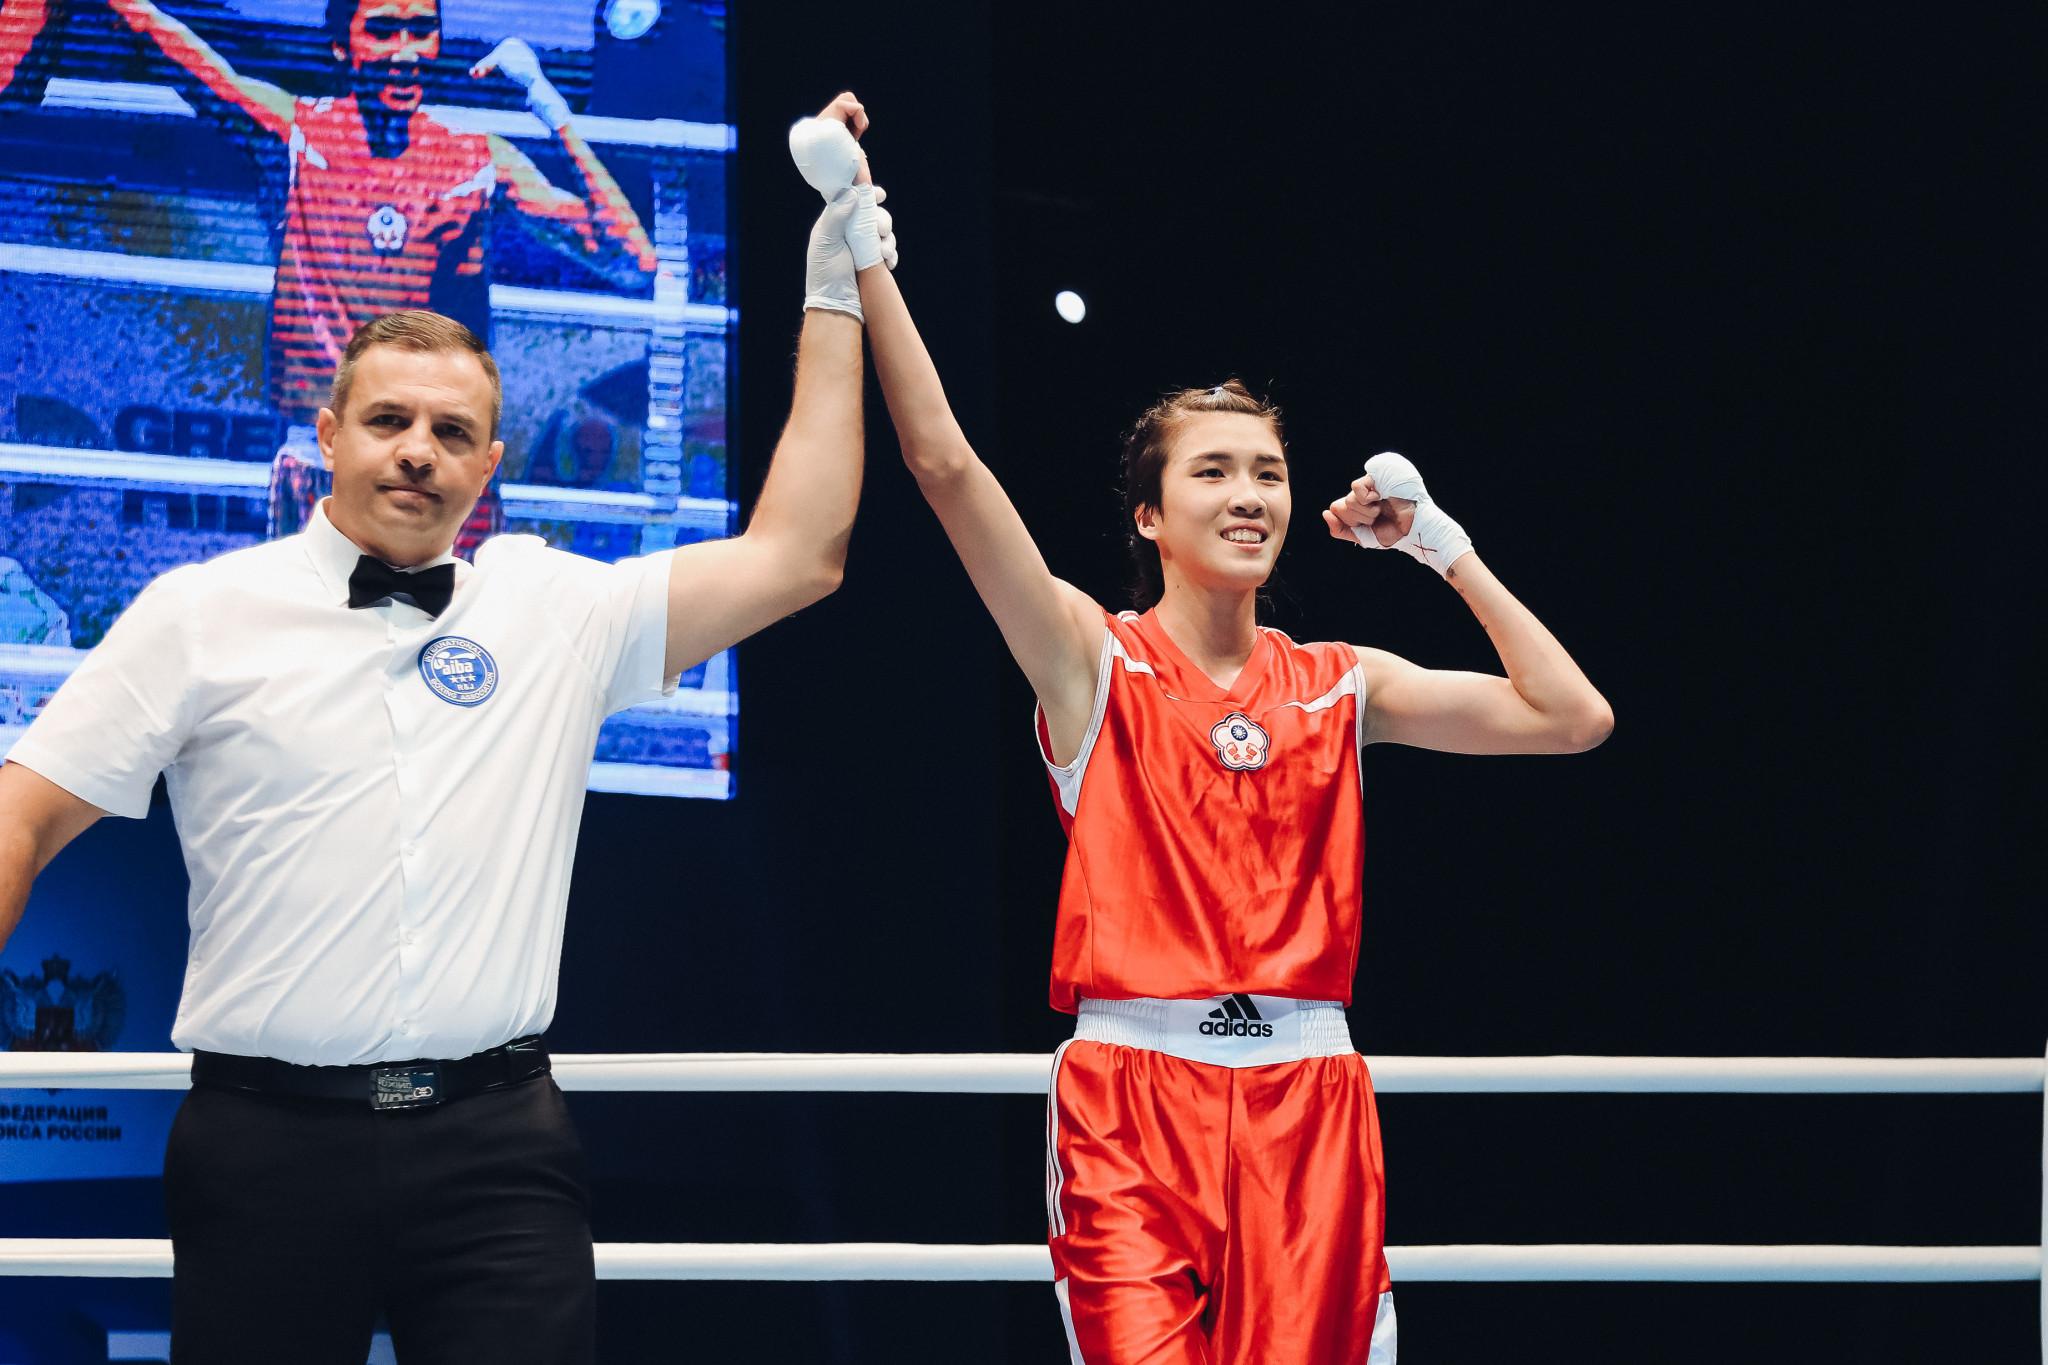 She unanimously defeated Giordana Sorrentino of Italy ©AIBA